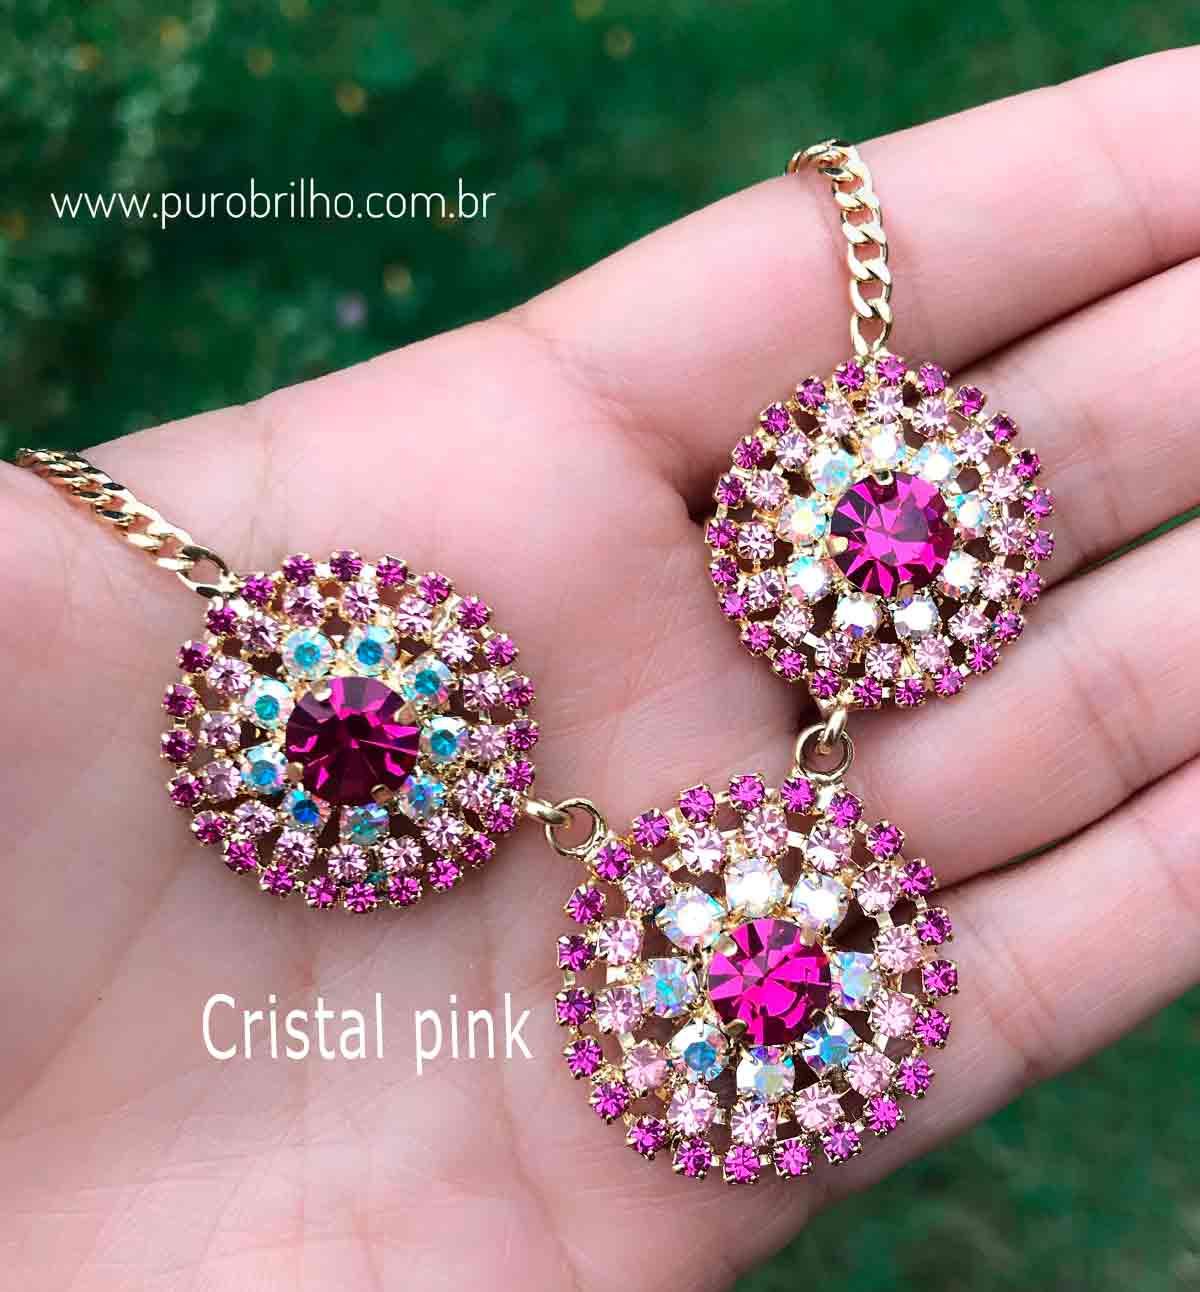 COLAR SEMIJOIA PINGENTE 3 EM 1 COM APLICAÇÃO EM CRISTAIS CORES DIVERSAS-Cristal Pink